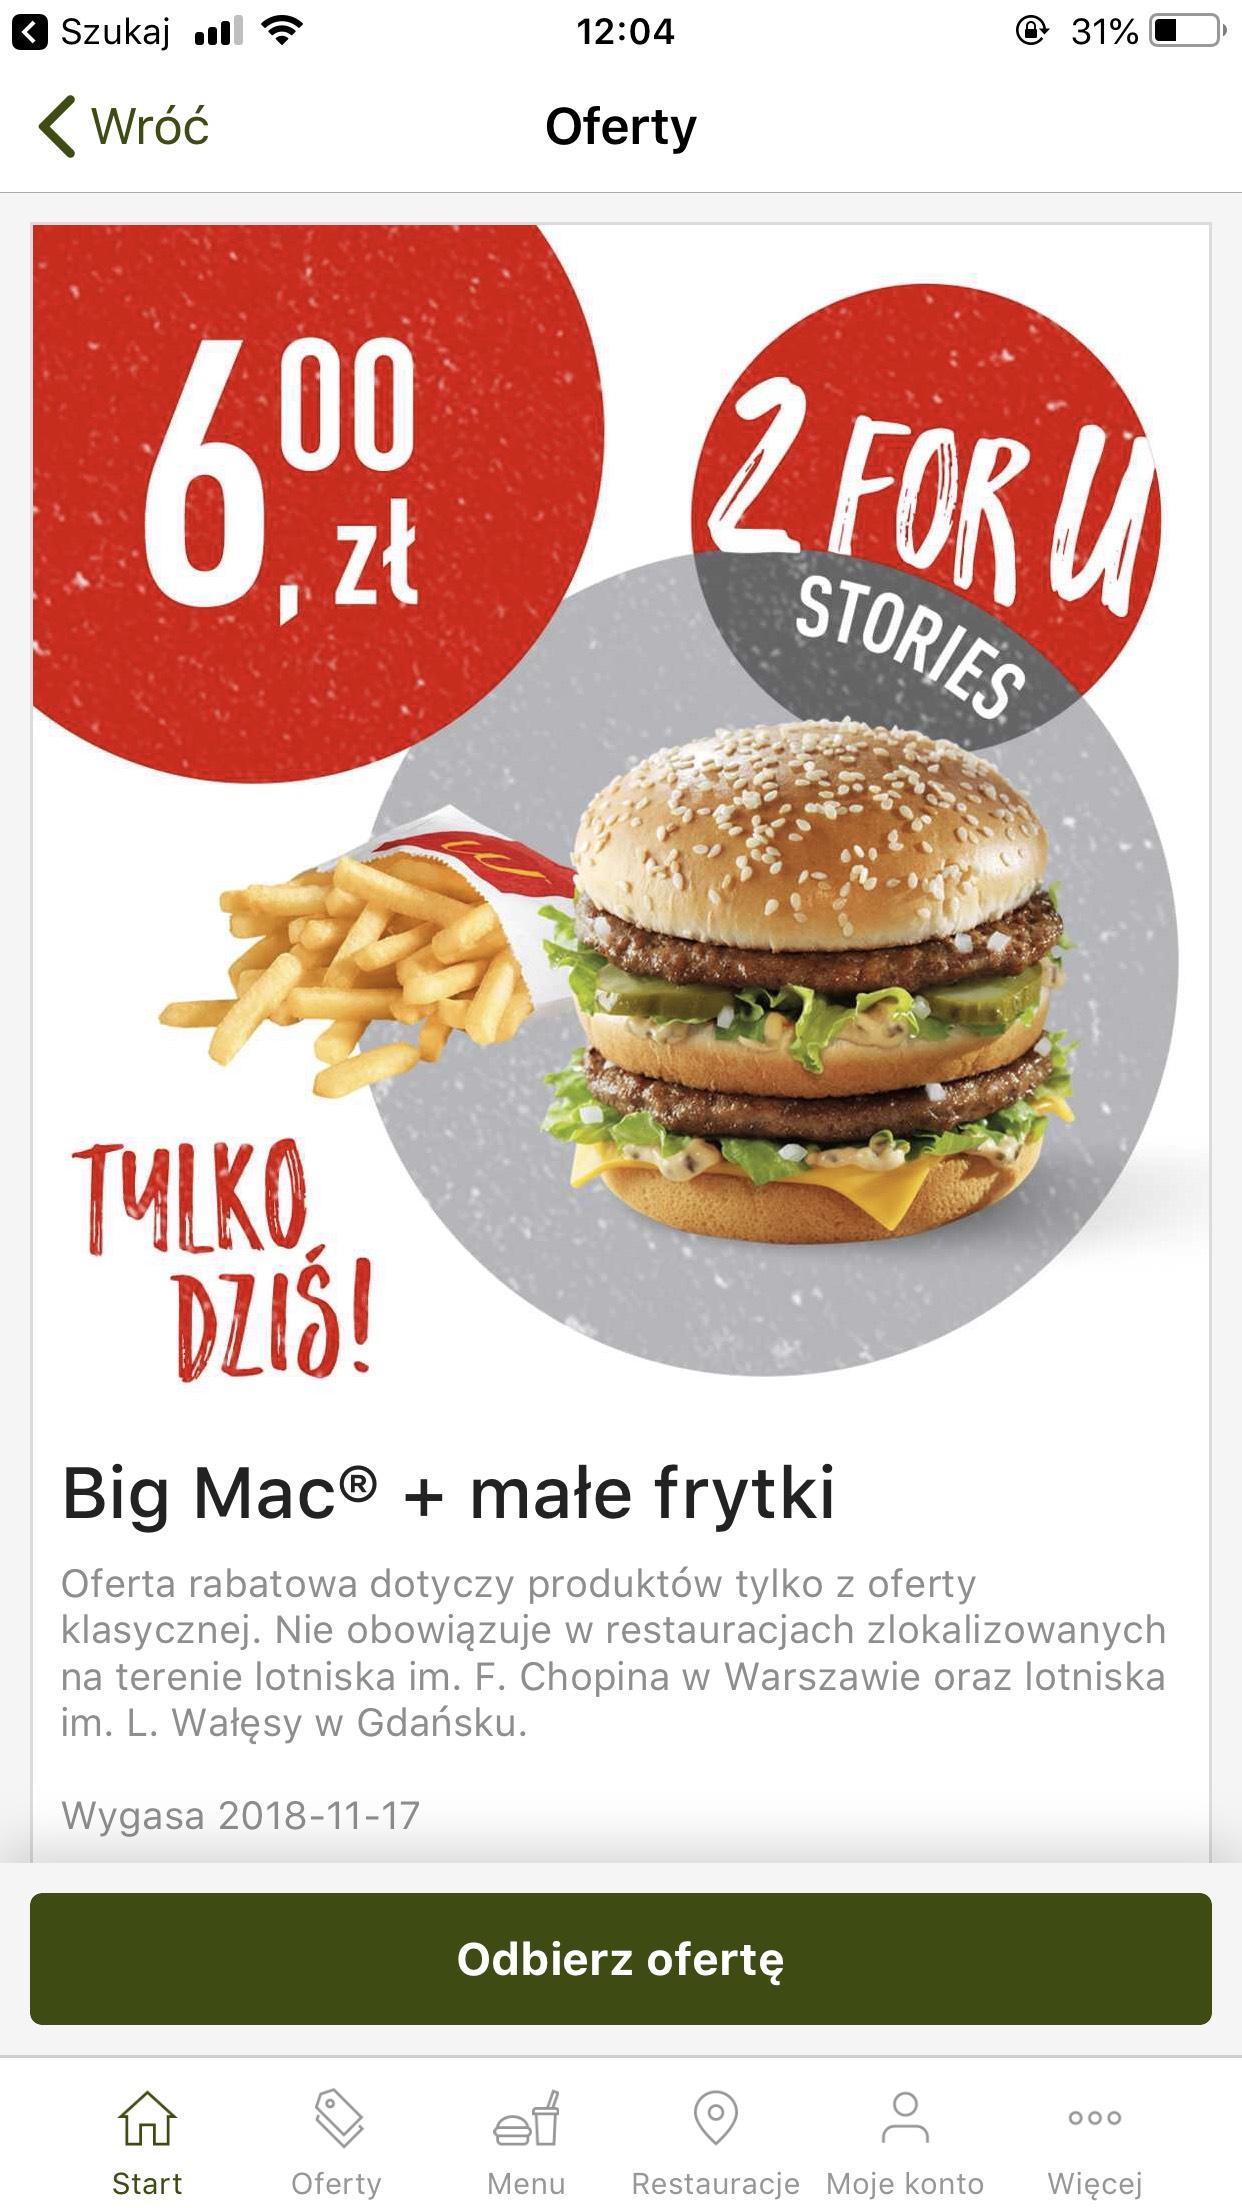 Big Mac + frytki za 6 zł